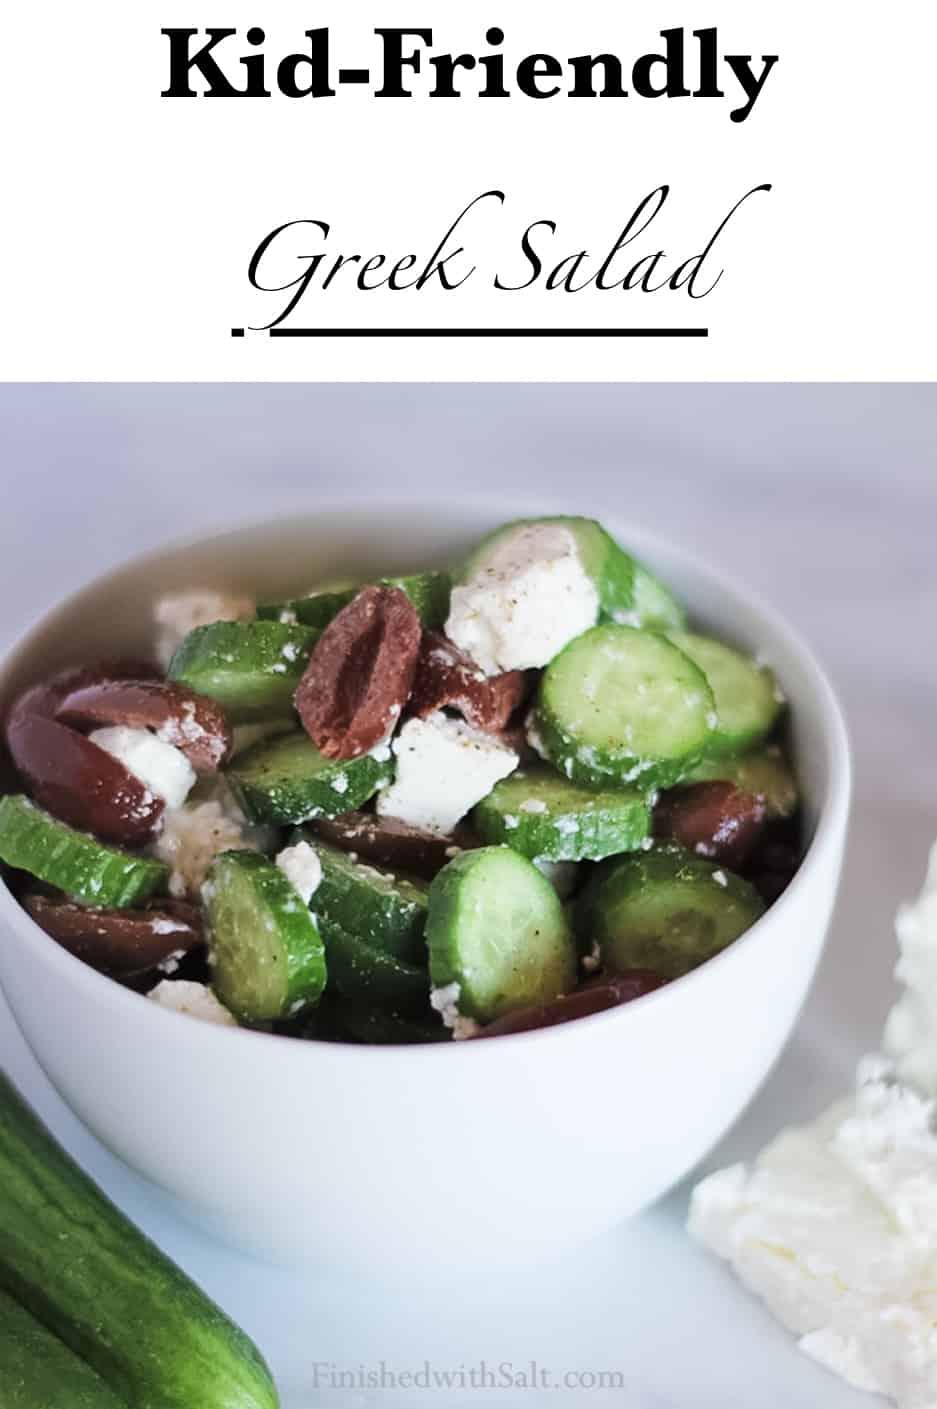 Kid-Friendly Greek Salad